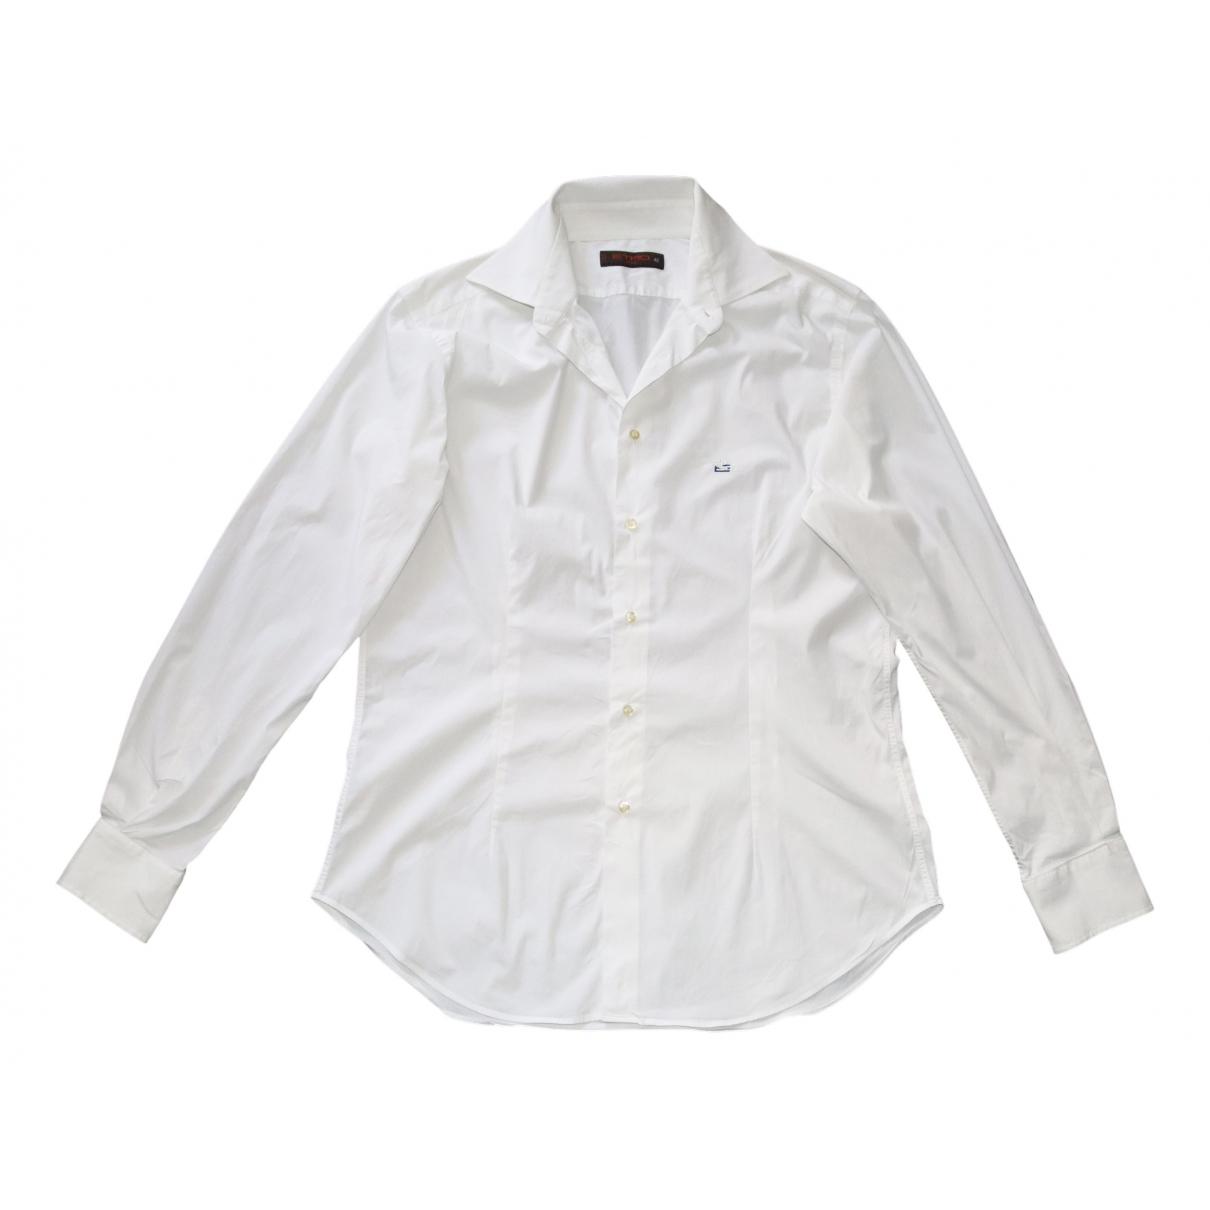 Etro N White Cotton Shirts for Men 42 EU (tour de cou / collar)